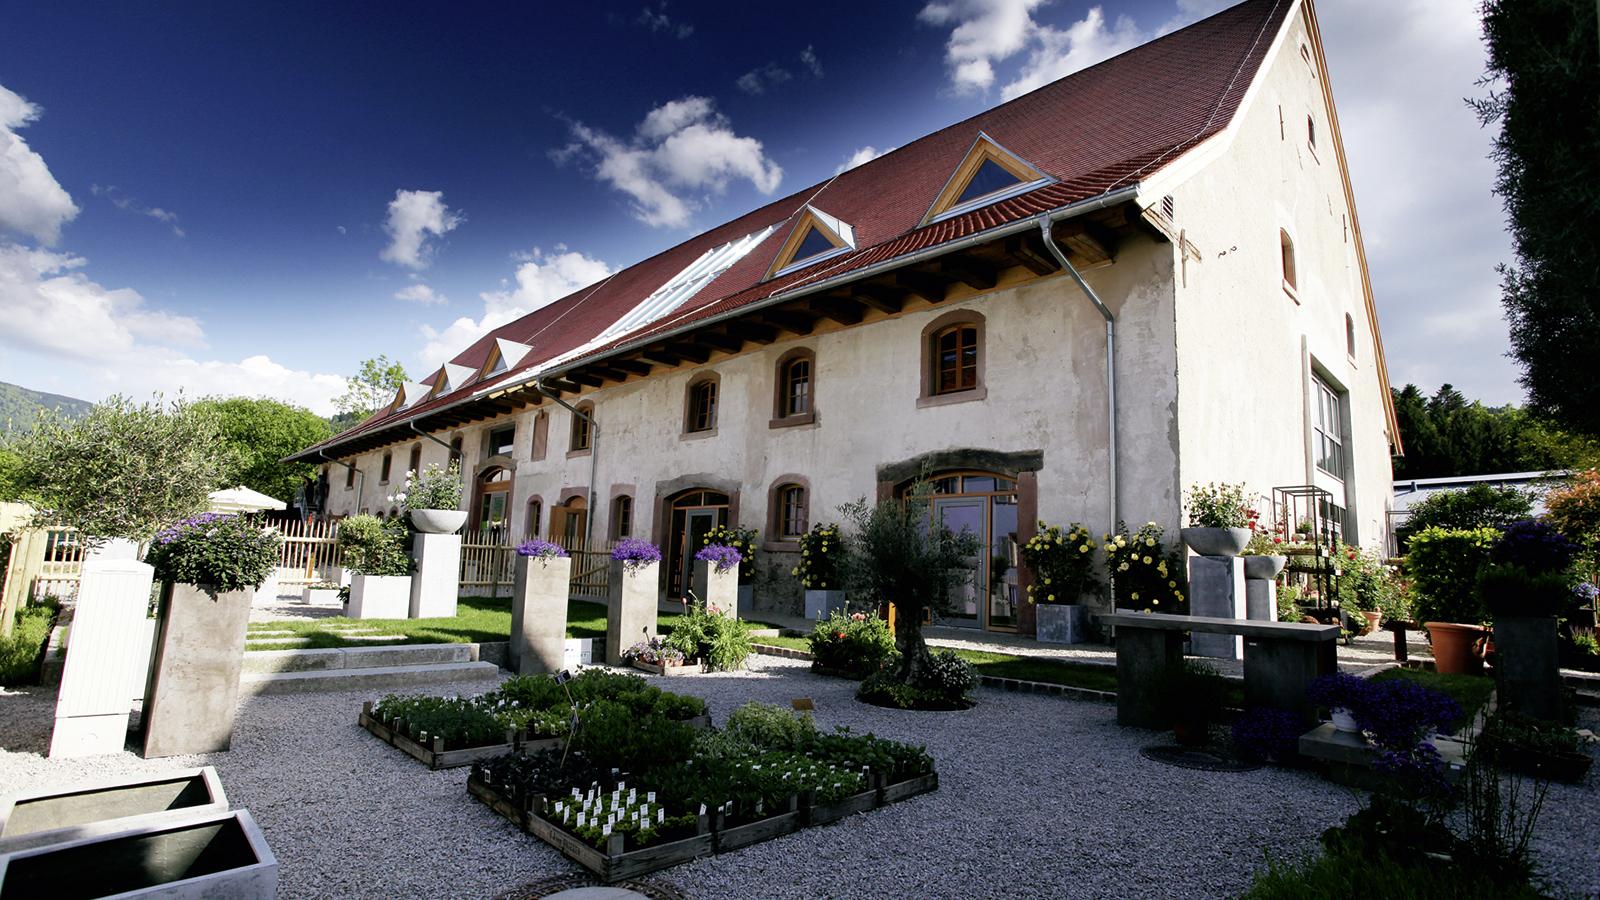 Bild 1 Rainhof Scheune – Hotel & Gaststätte